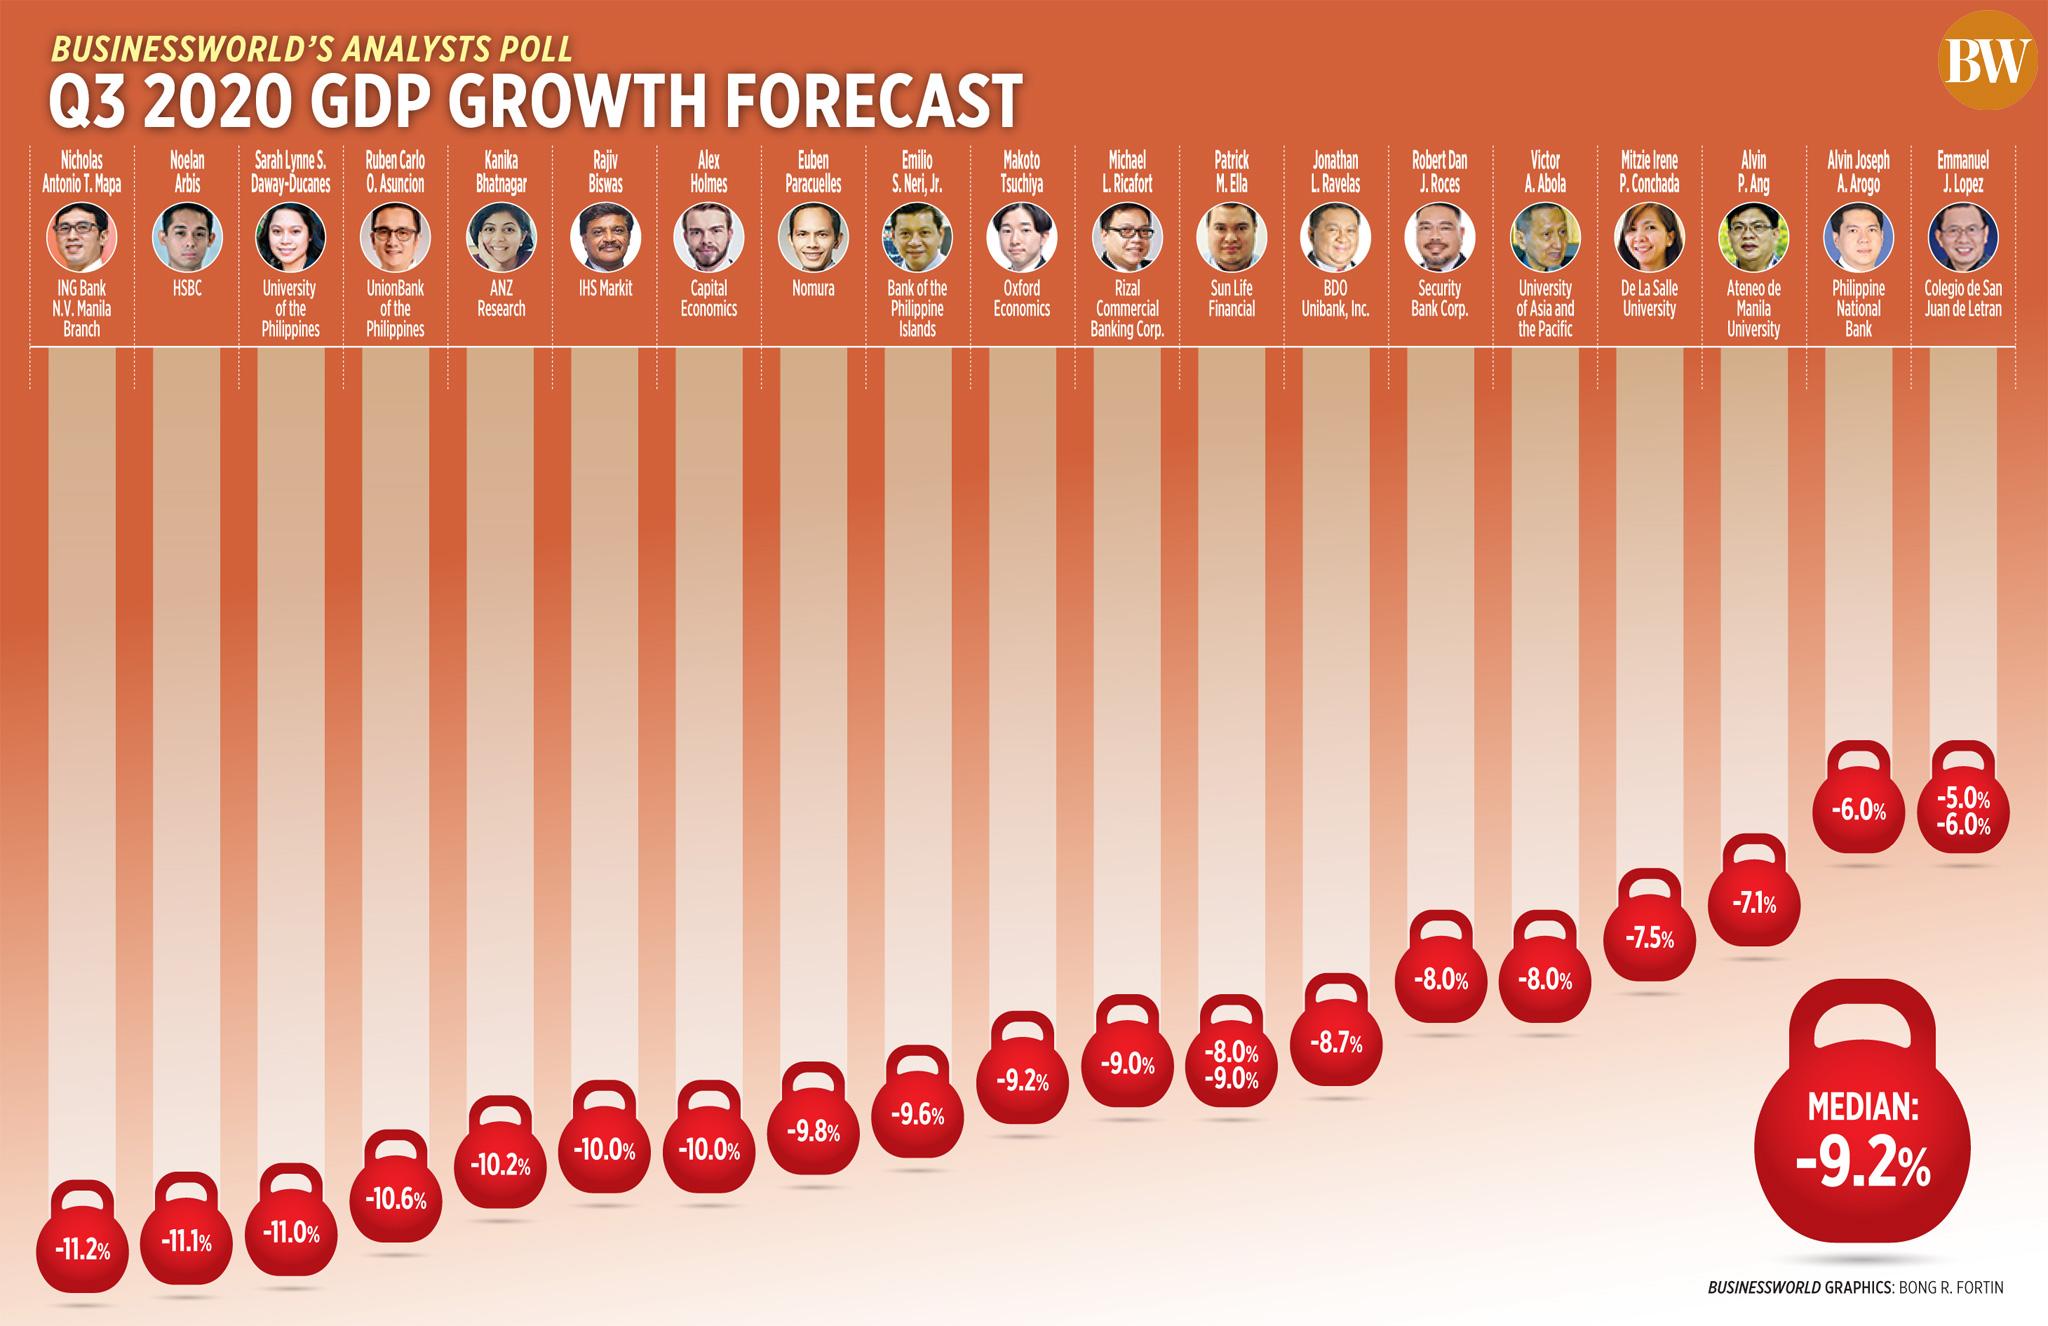 50579119381 de3166f1e5 o - Q3 2020 GDP growth forecast